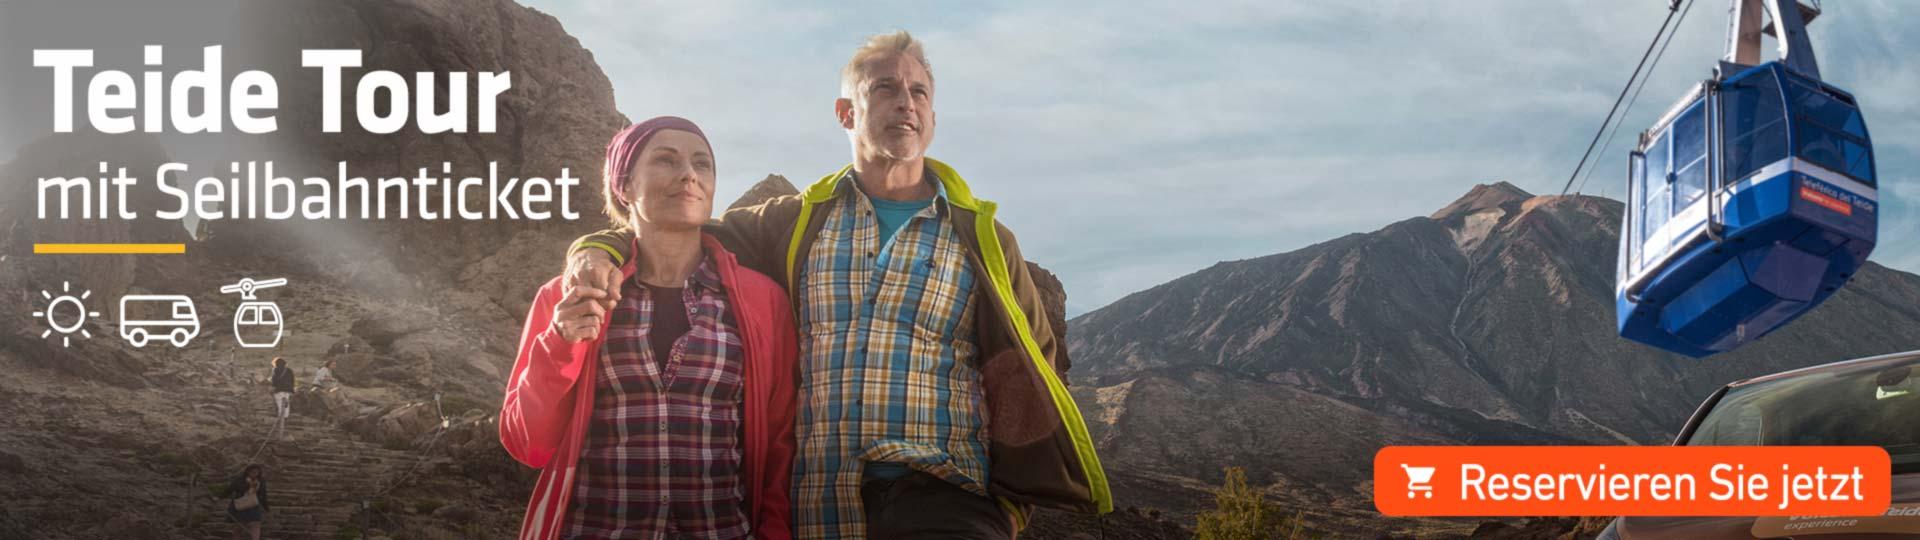 Ausflug zum Teide mit Seilbahnticket